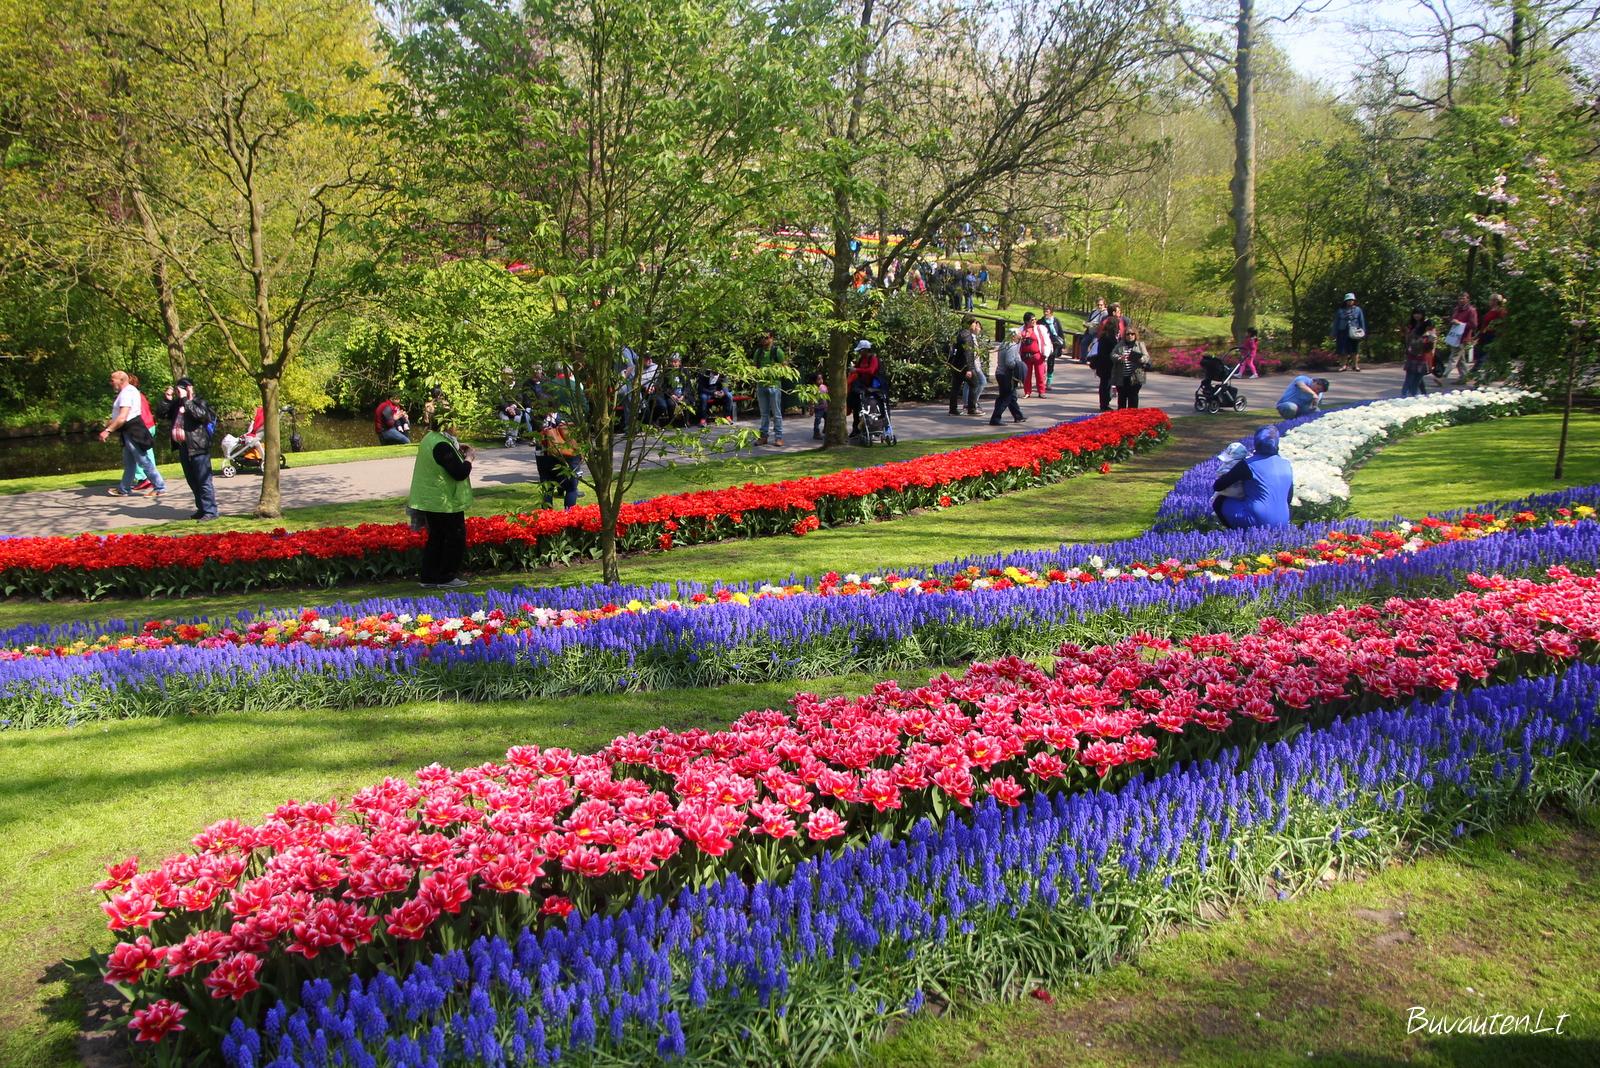 Gėlynai parke